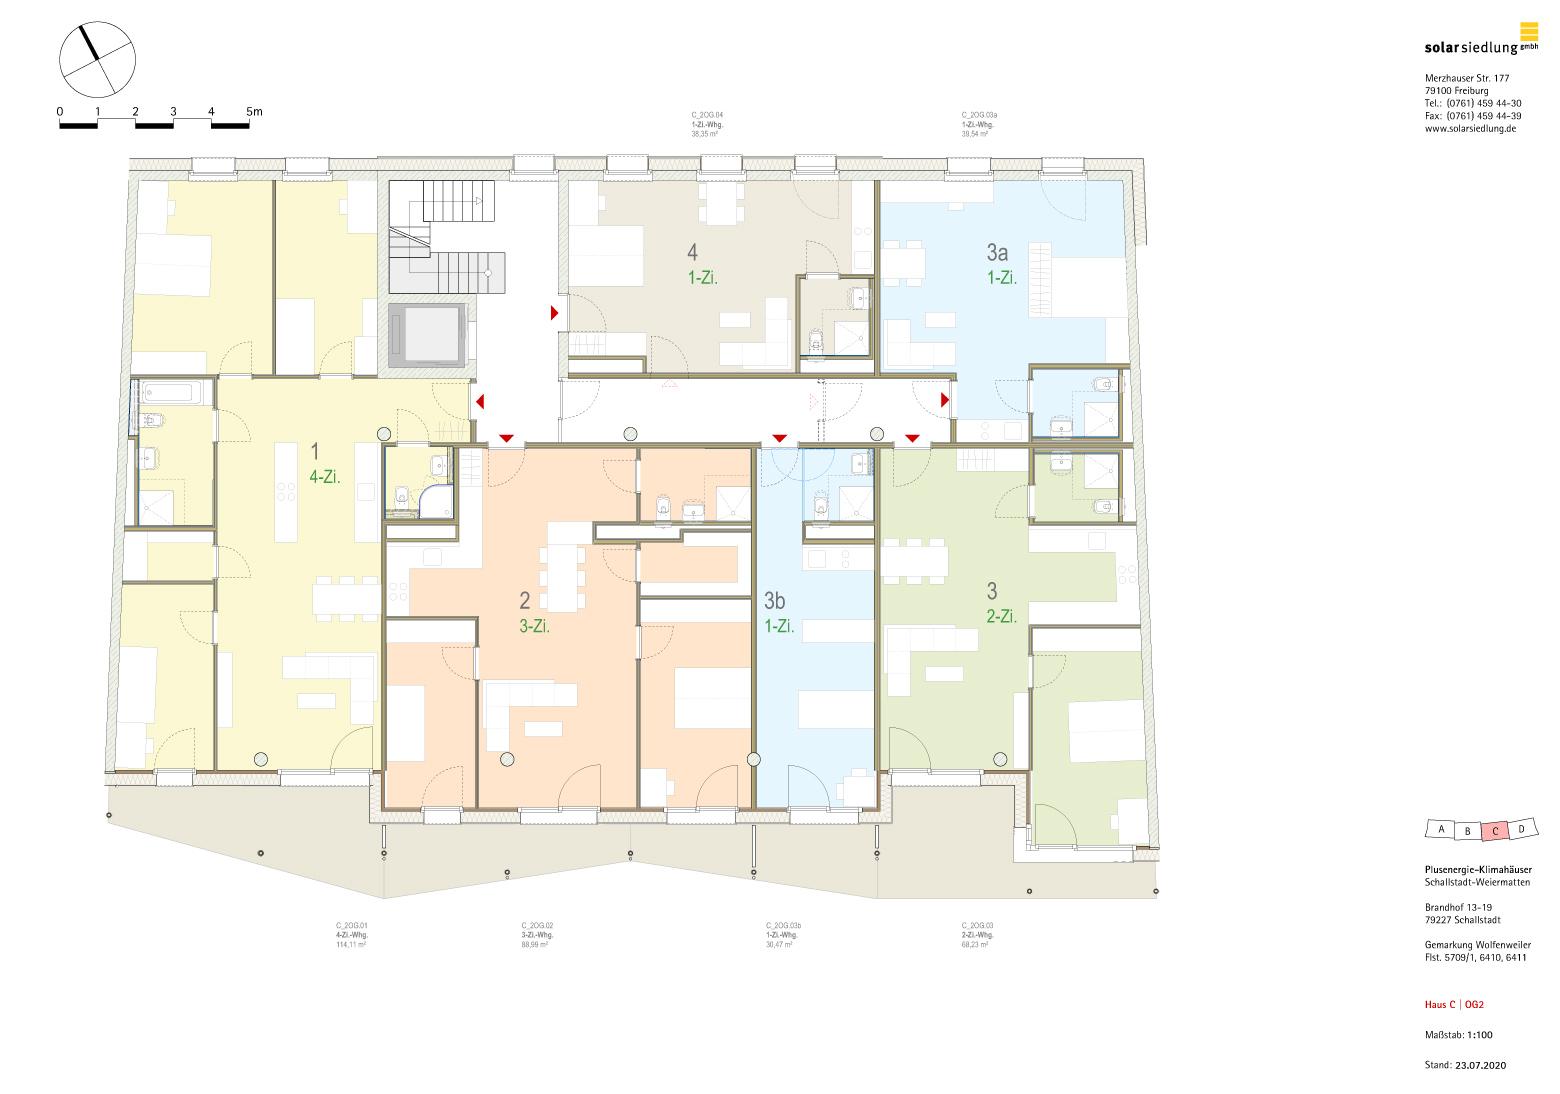 Plusenergie Klimahäuser Schallstadt